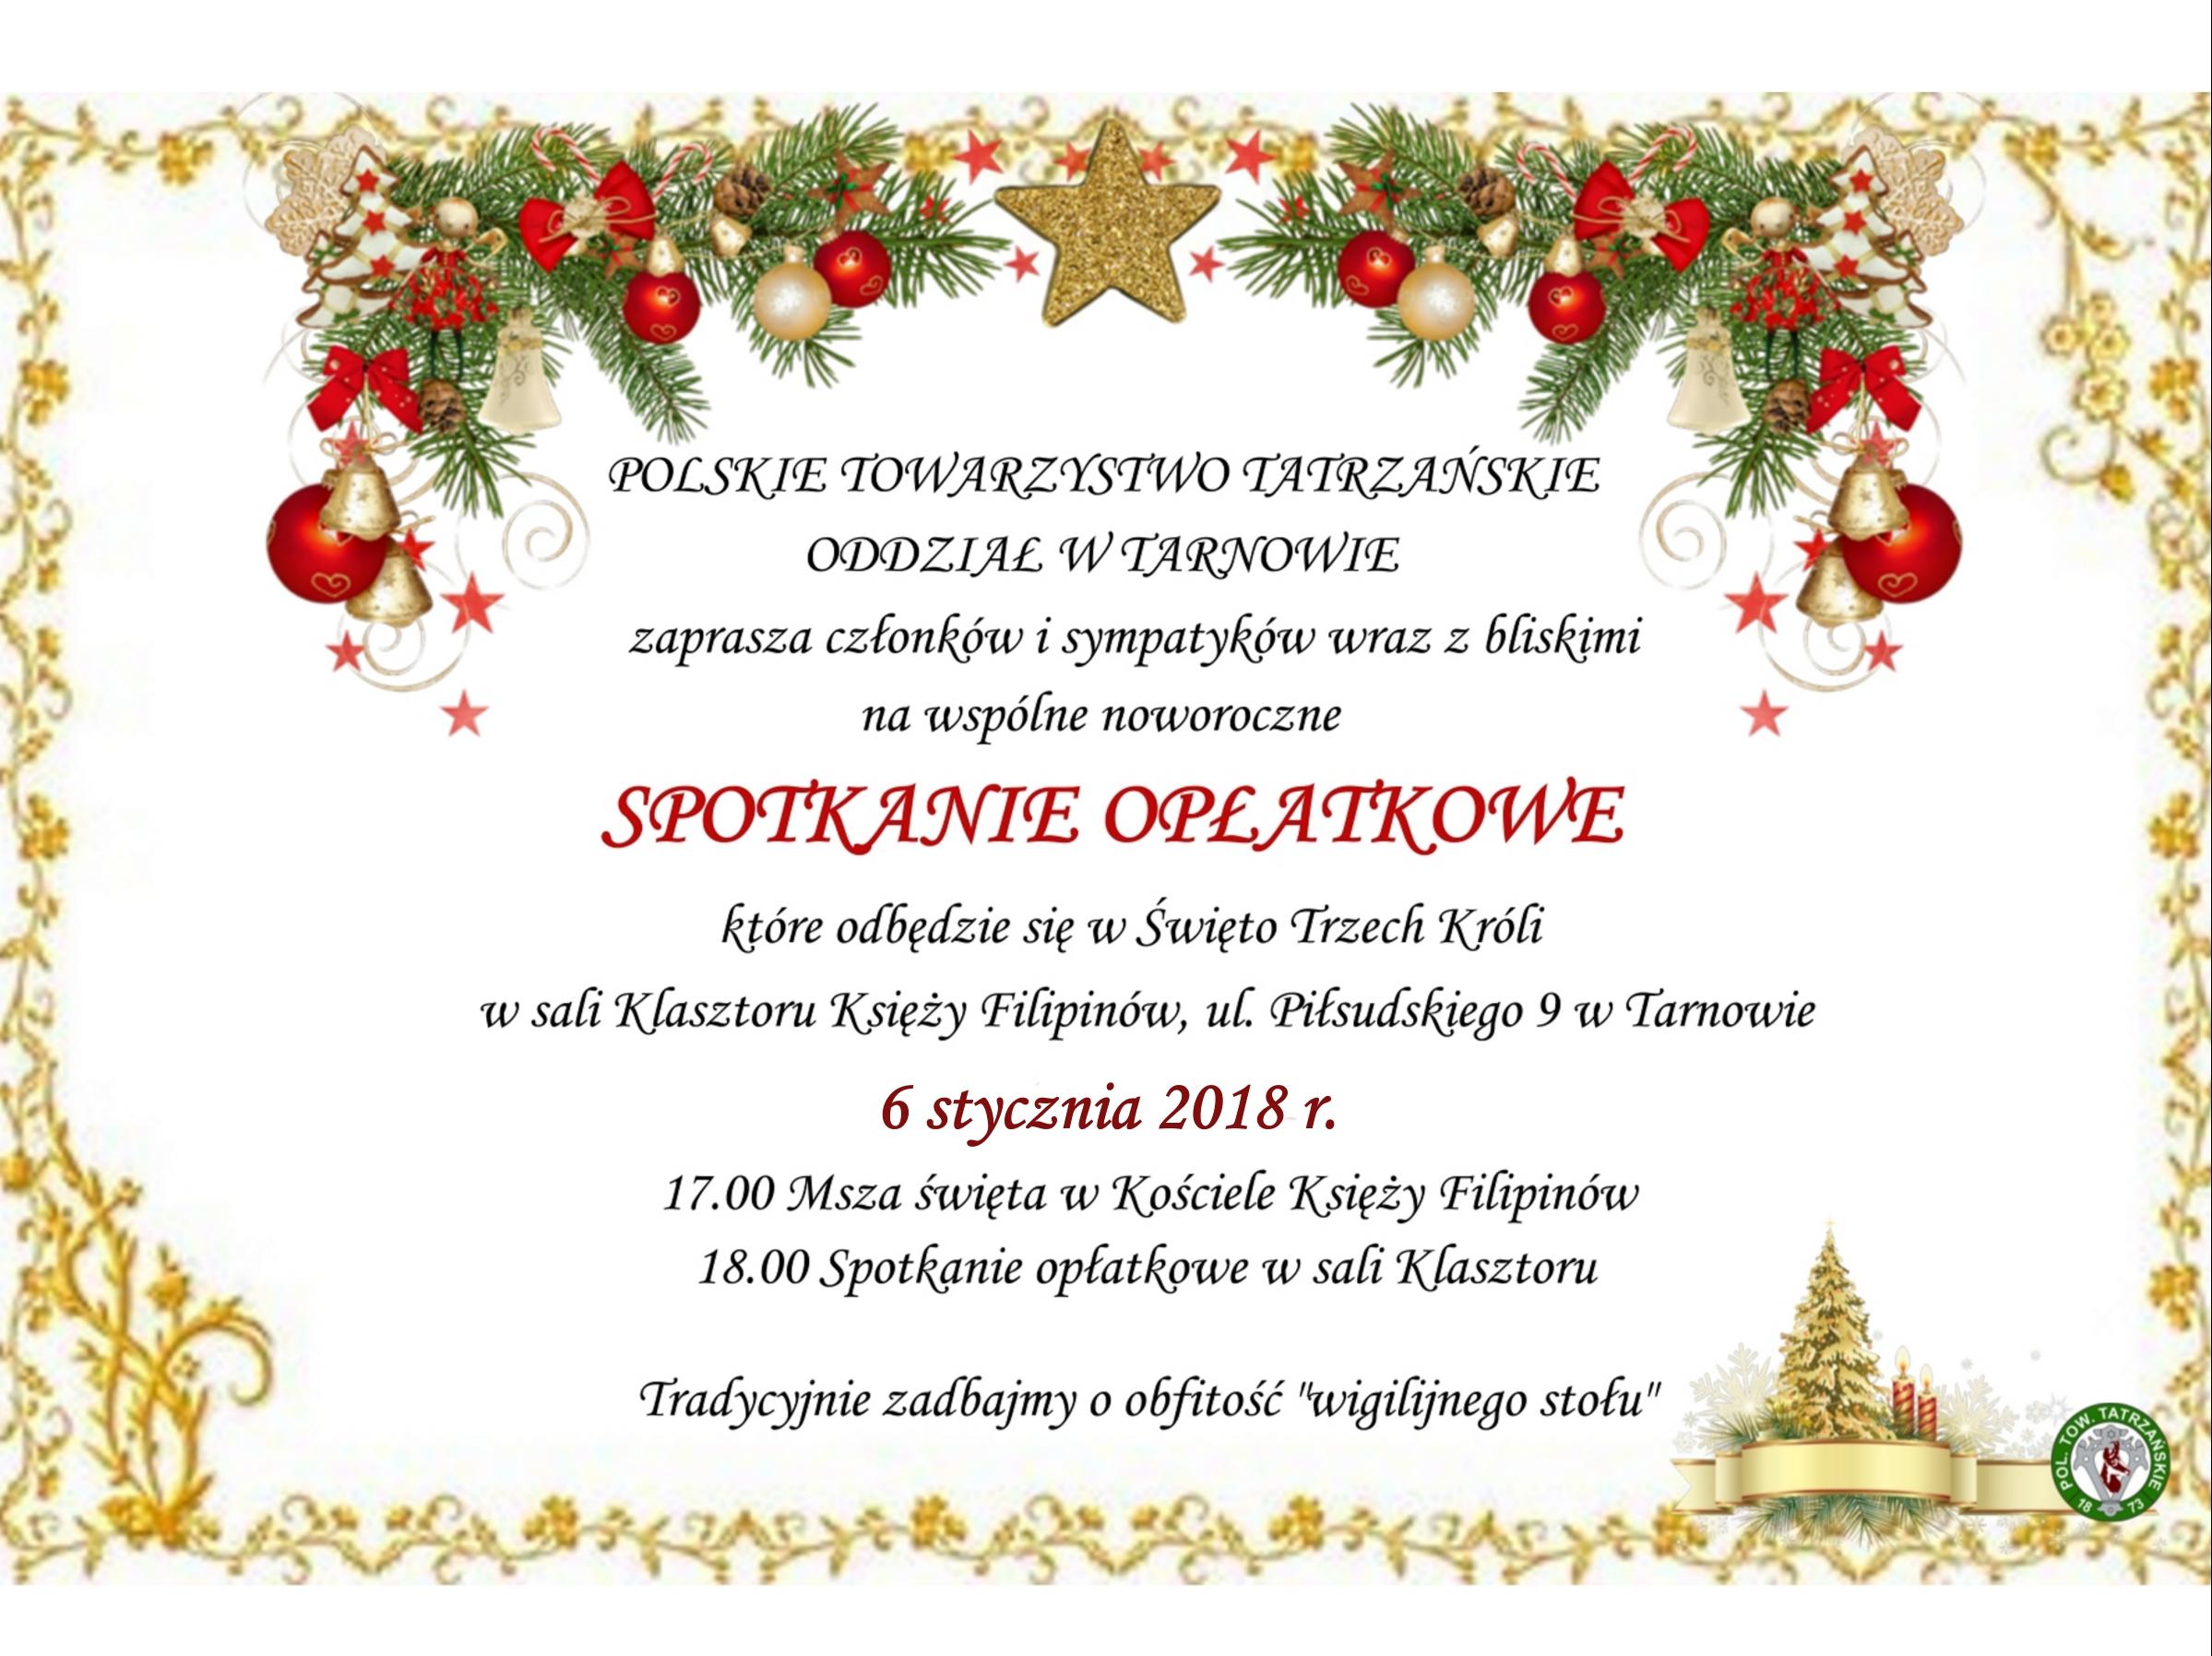 Polskie Towarzystwo Tatrzanskie Oddzial Ptt W Tarnowie